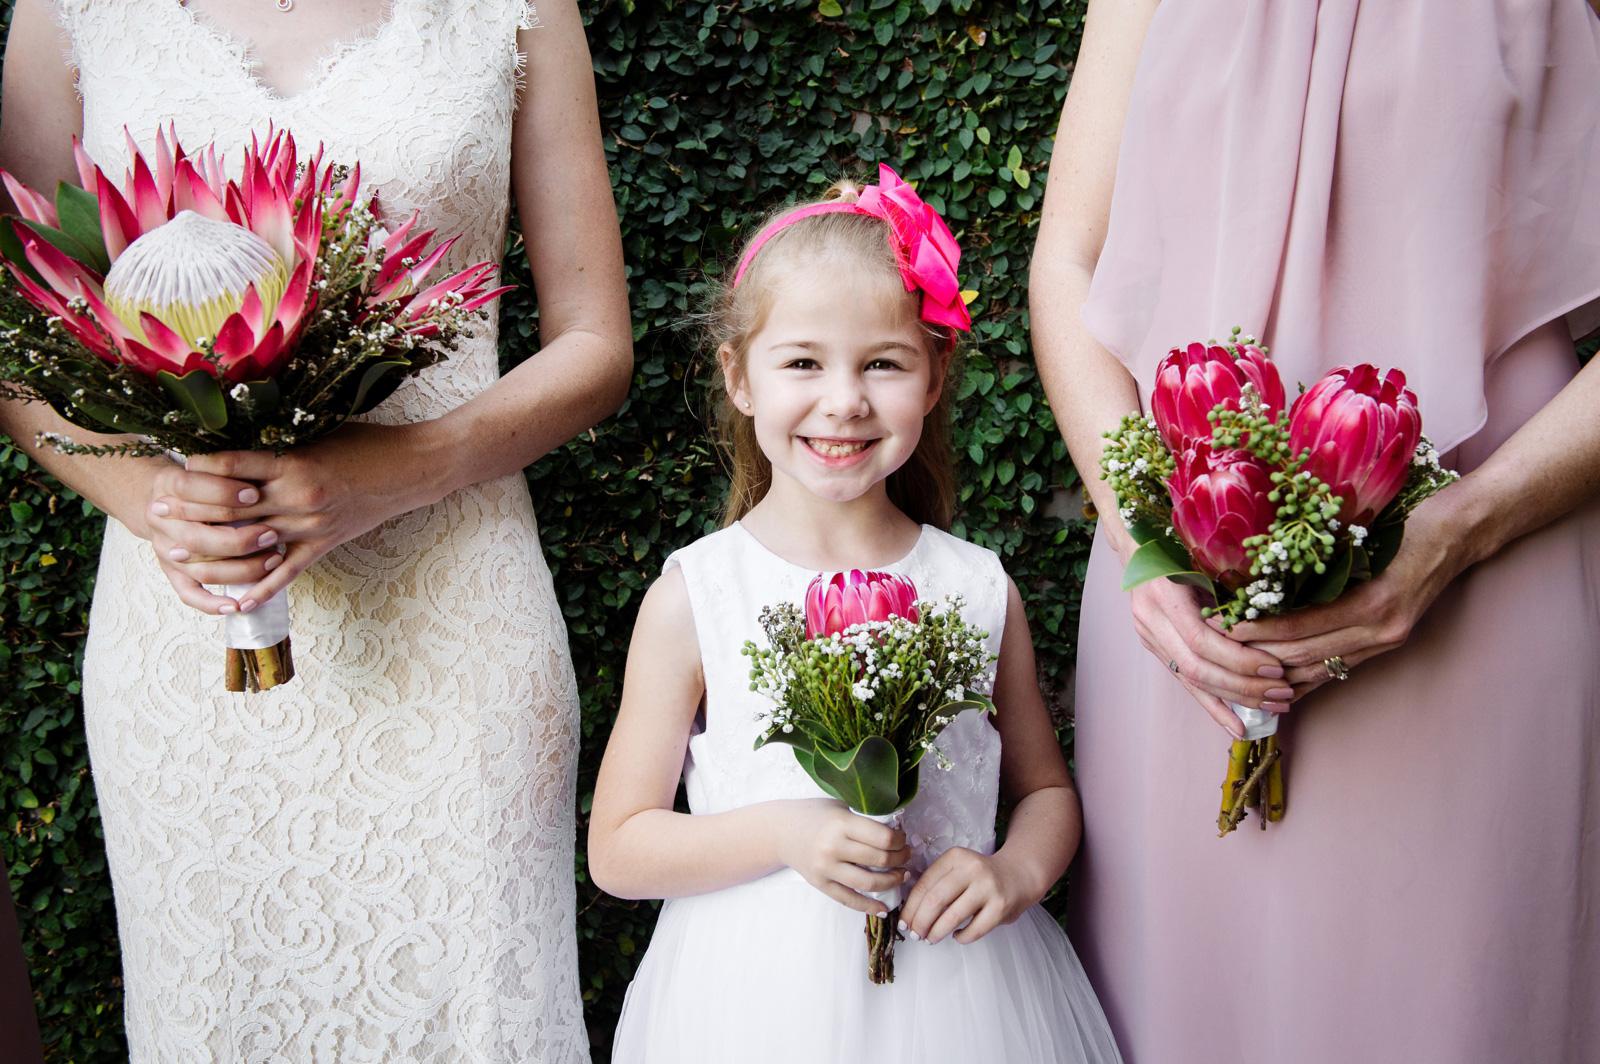 Smiling flowergirl